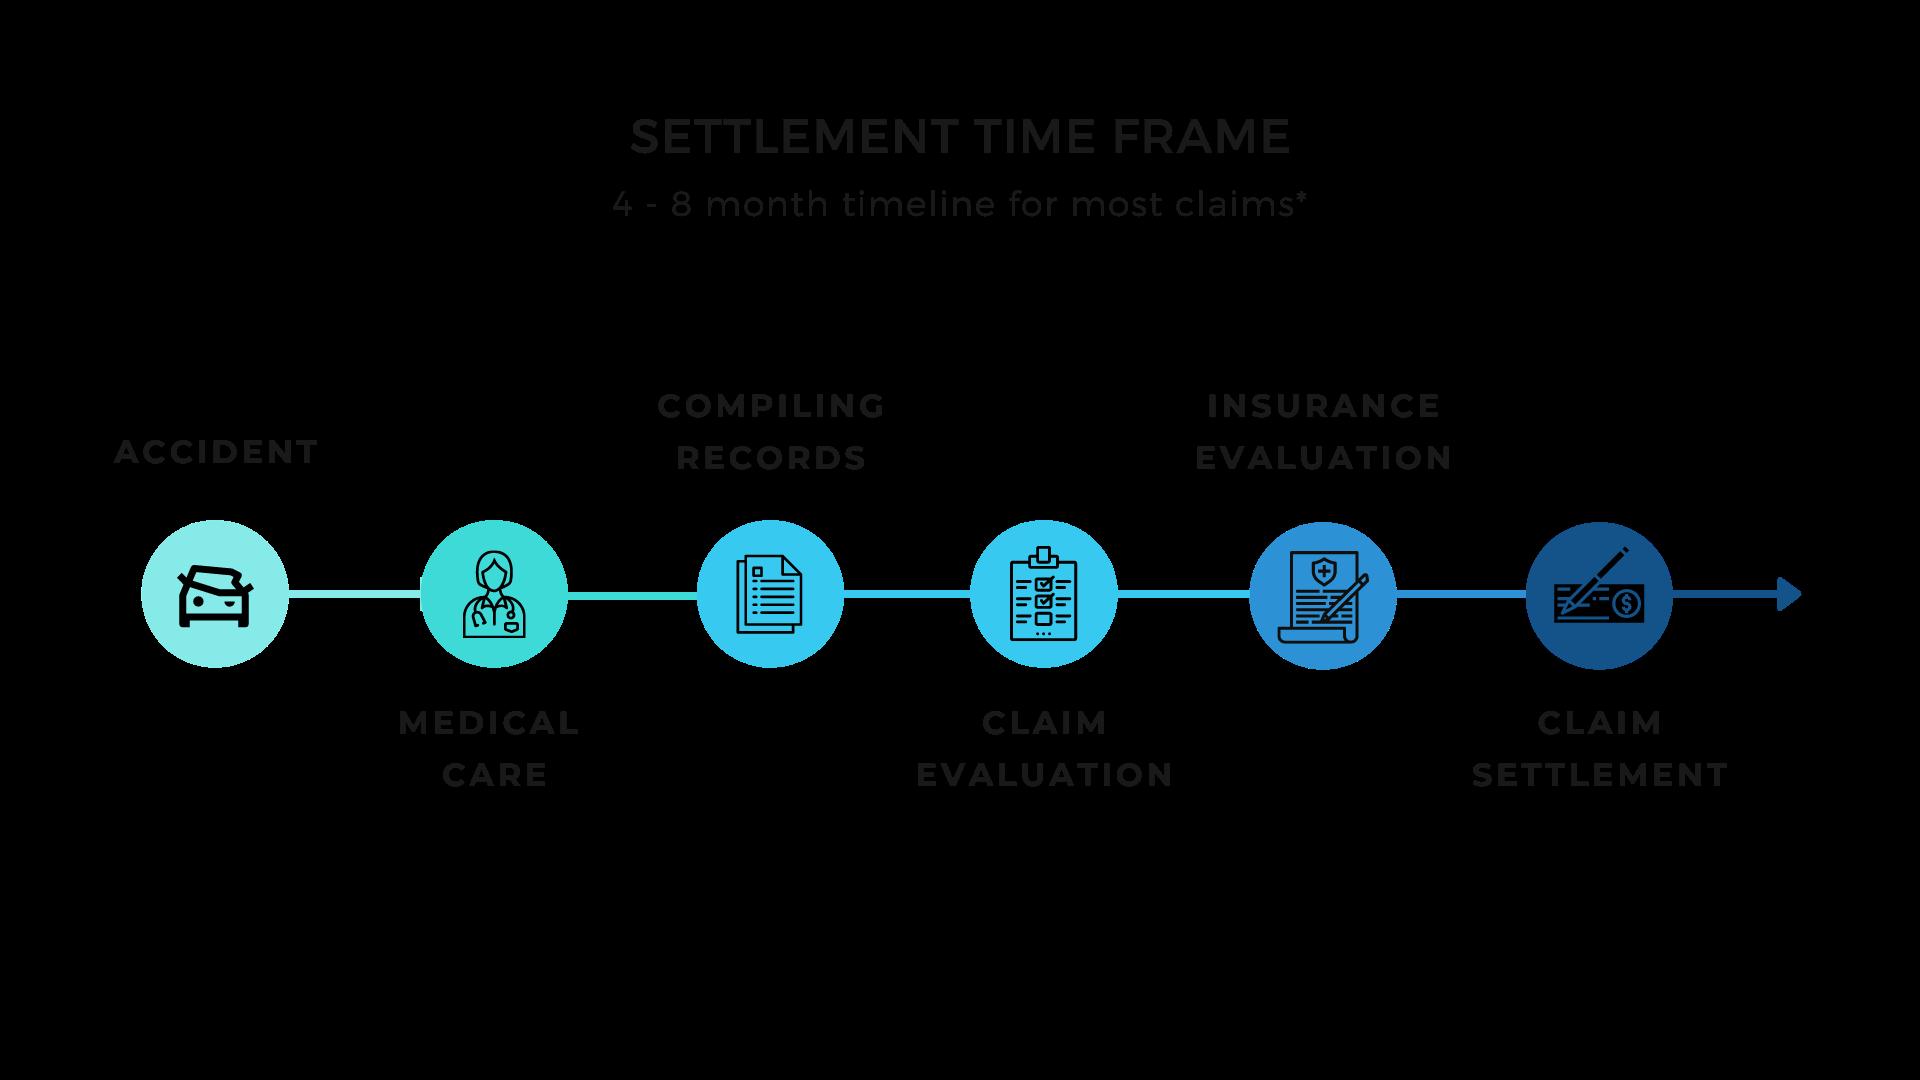 settlement time frame graph